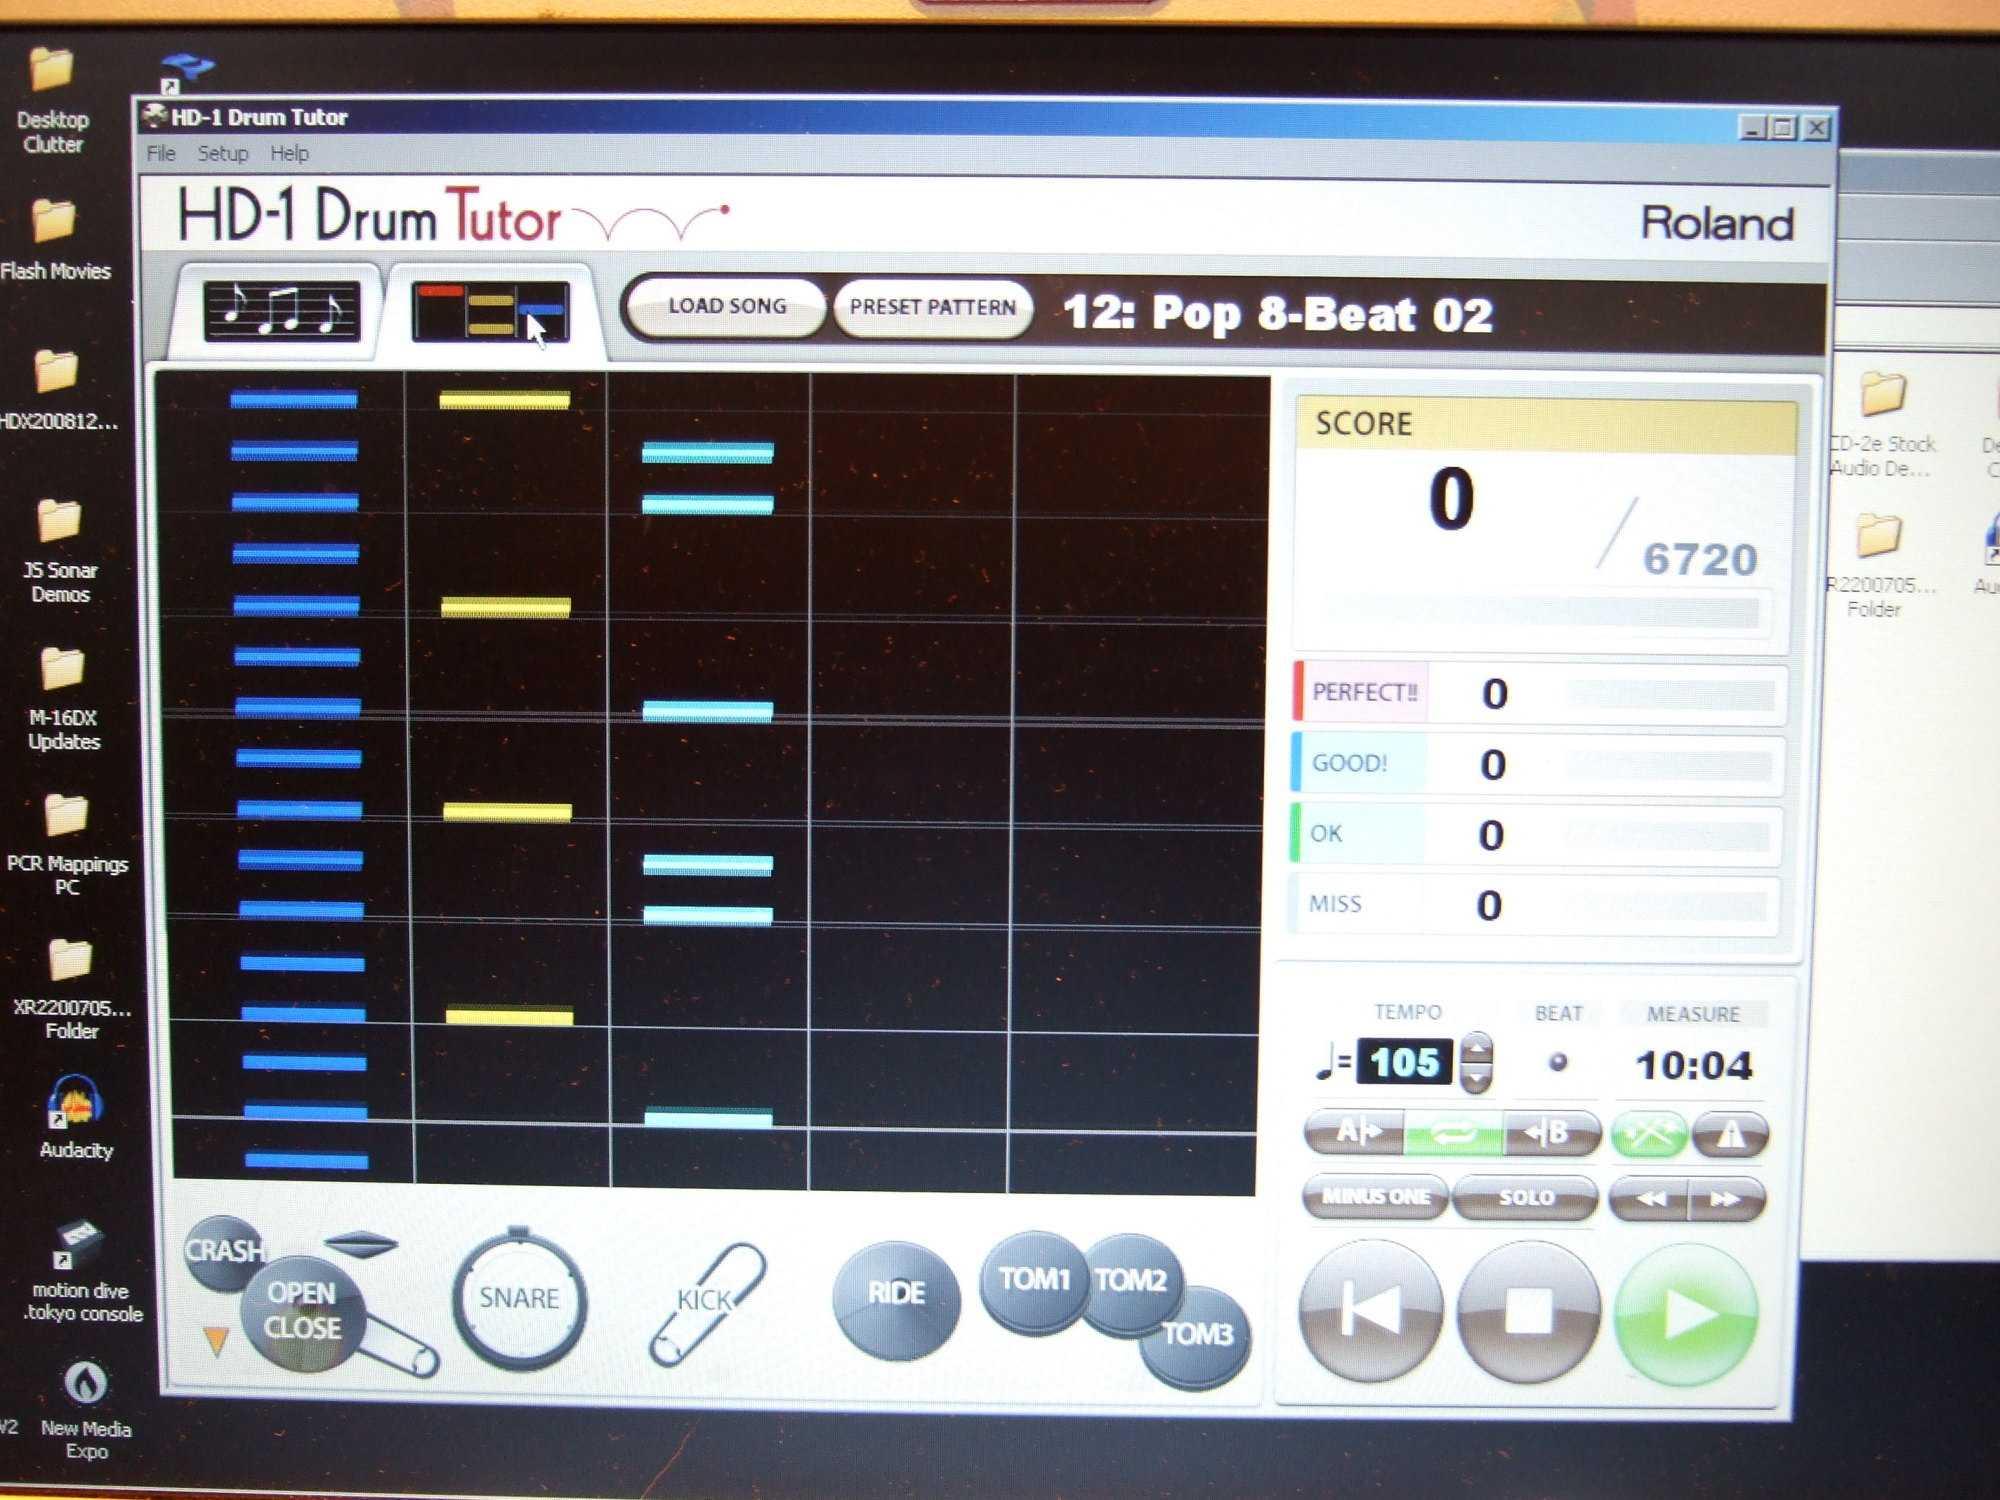 Rolands Drum Tutor im Game-Modus; auf Wunsch lässt sich auf Notendarstellung wechseln.